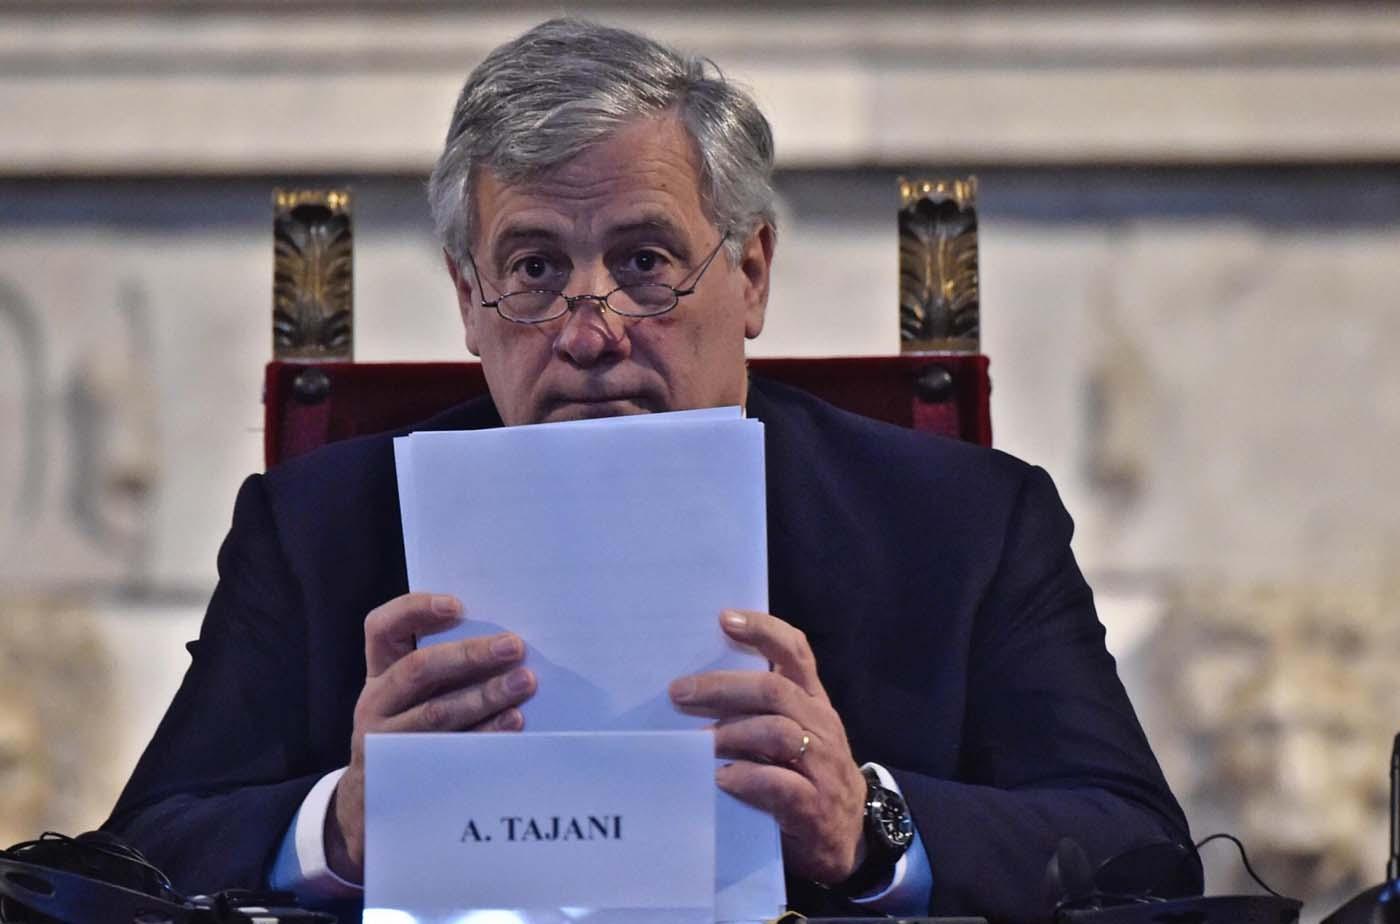 El presidente del Parlamento Europeo, Antonio Tajani bilaterales y preparar la próxima cumbre de la Comunidad de Estados Latinoamericanos y Caribeños (Celac) que tendrá lugar en El Salvador en octubre. EFE/MAURIZIO DEGL' INNOCENTI